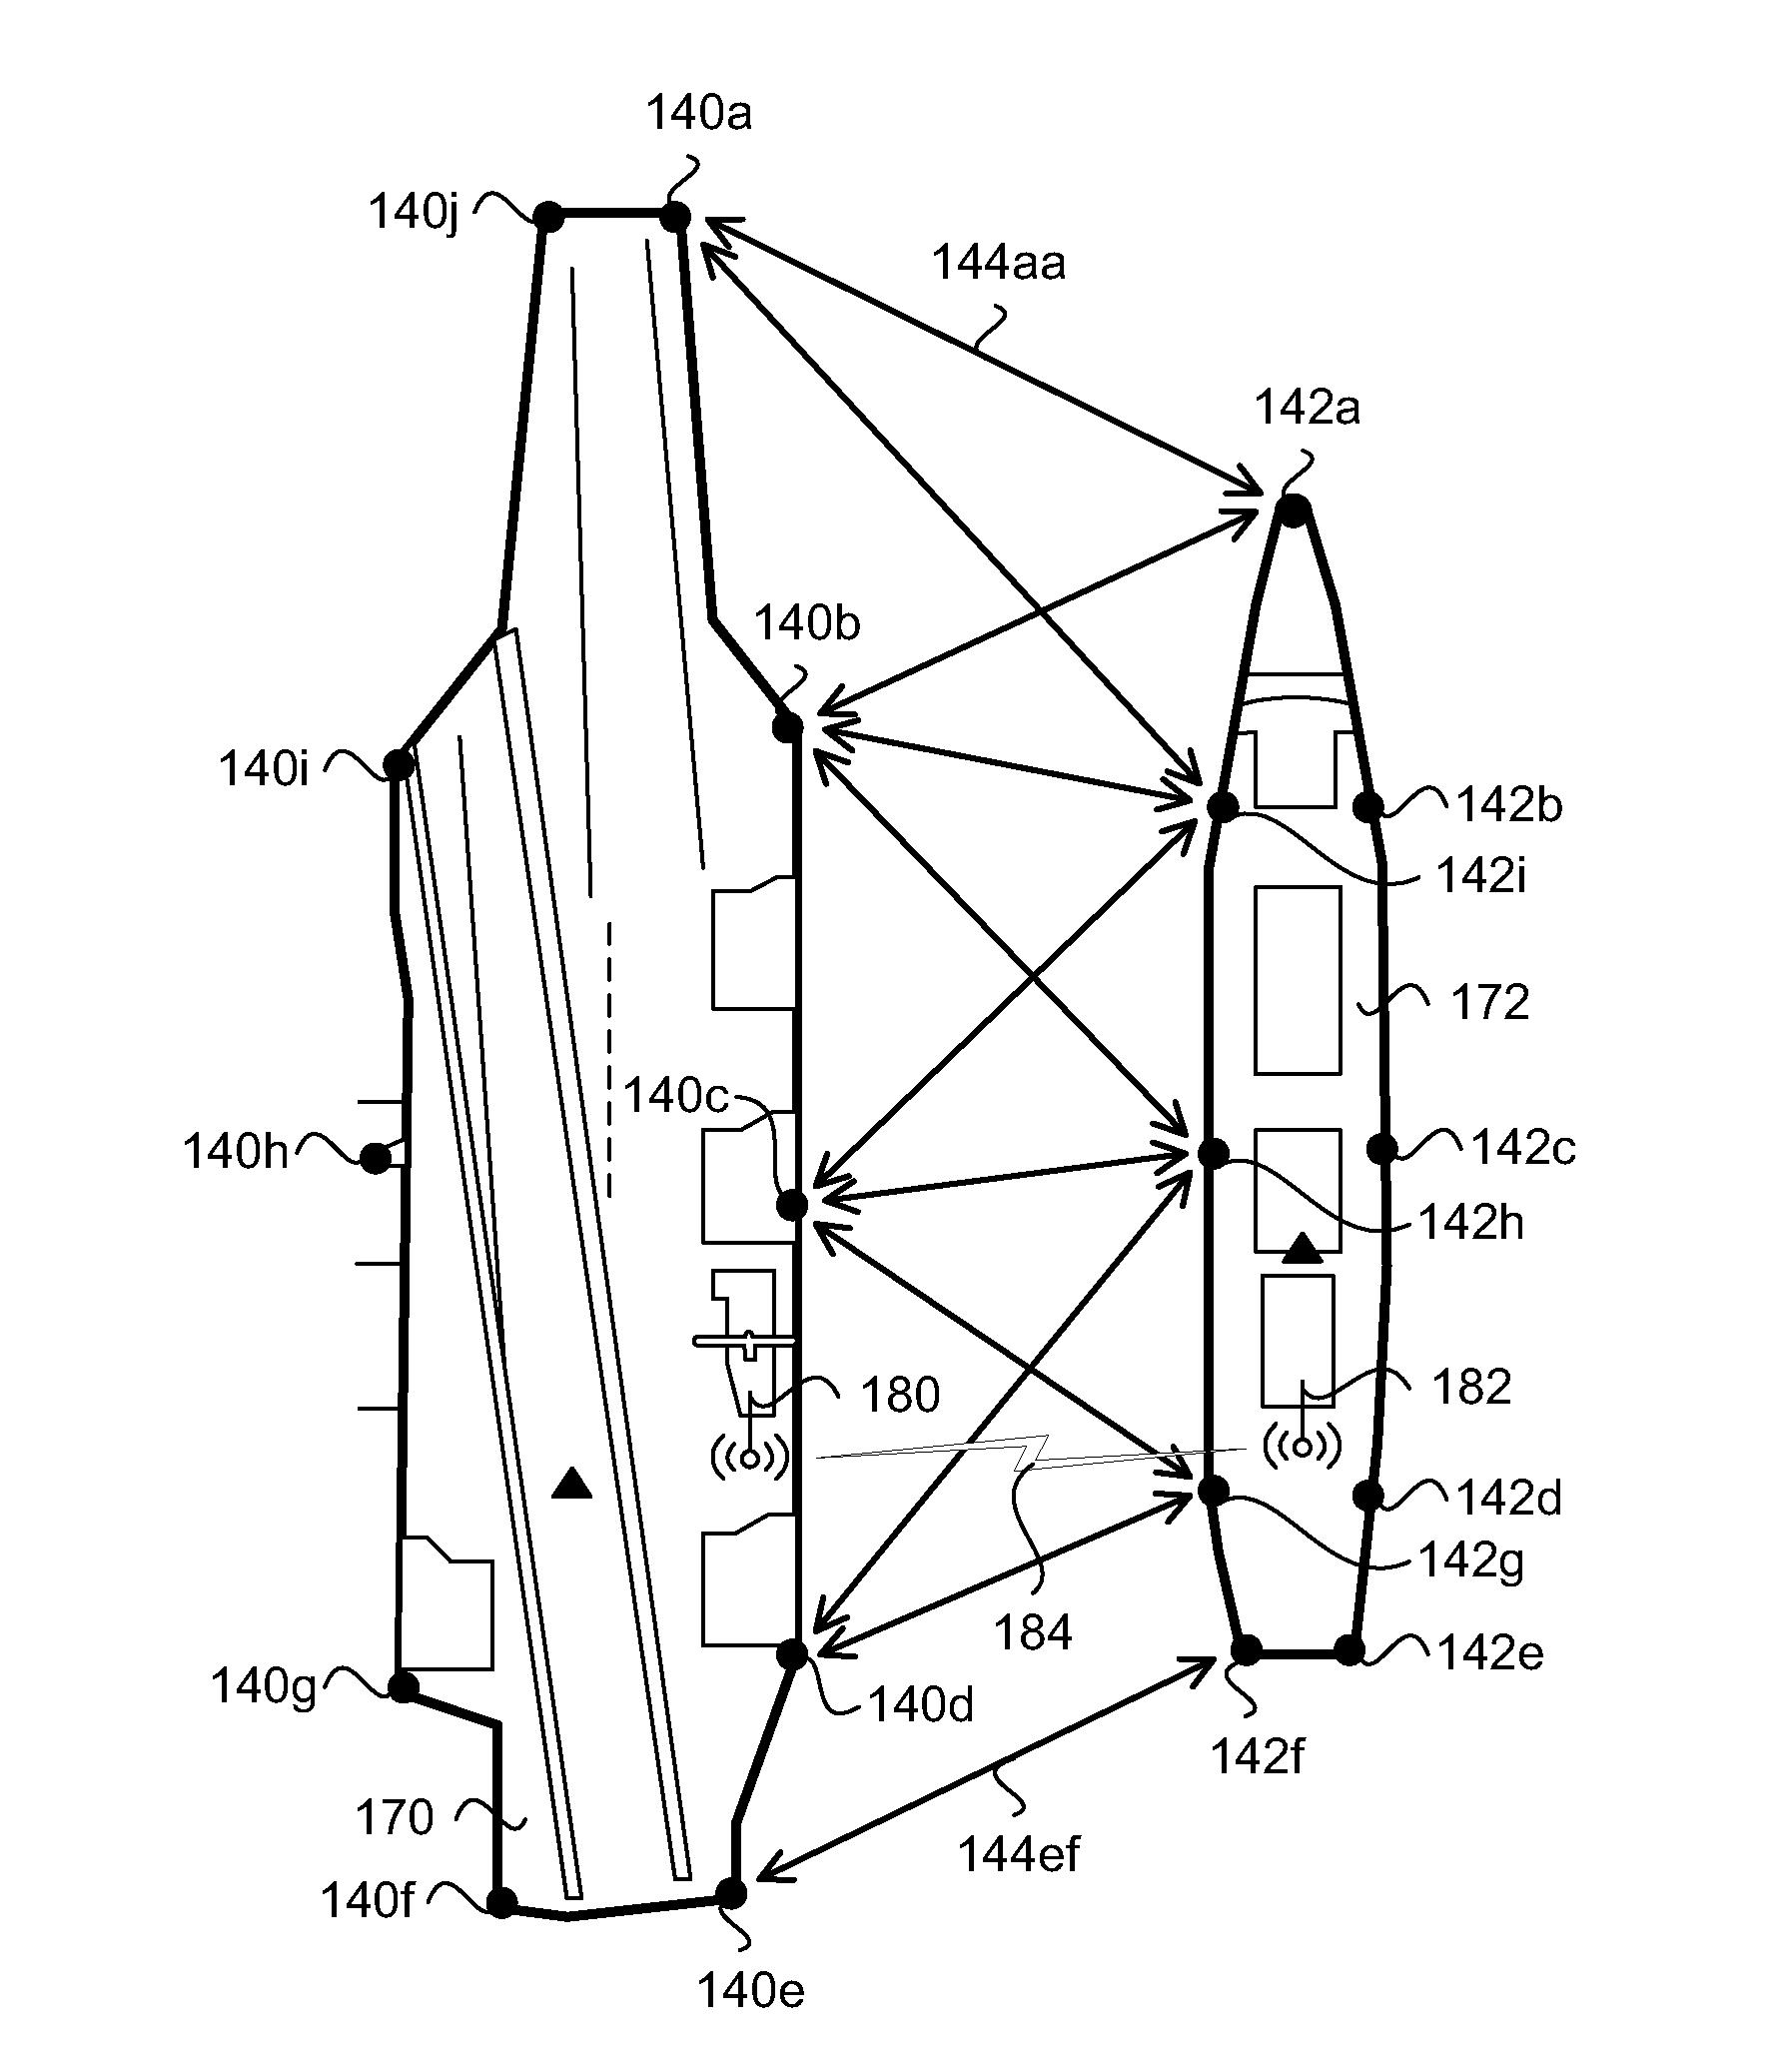 Bad Boy Buggy Ambush Wiring Diagram Wiring Diagram For Electric – Diagrams Boat Wiring Electrical Ocb36104